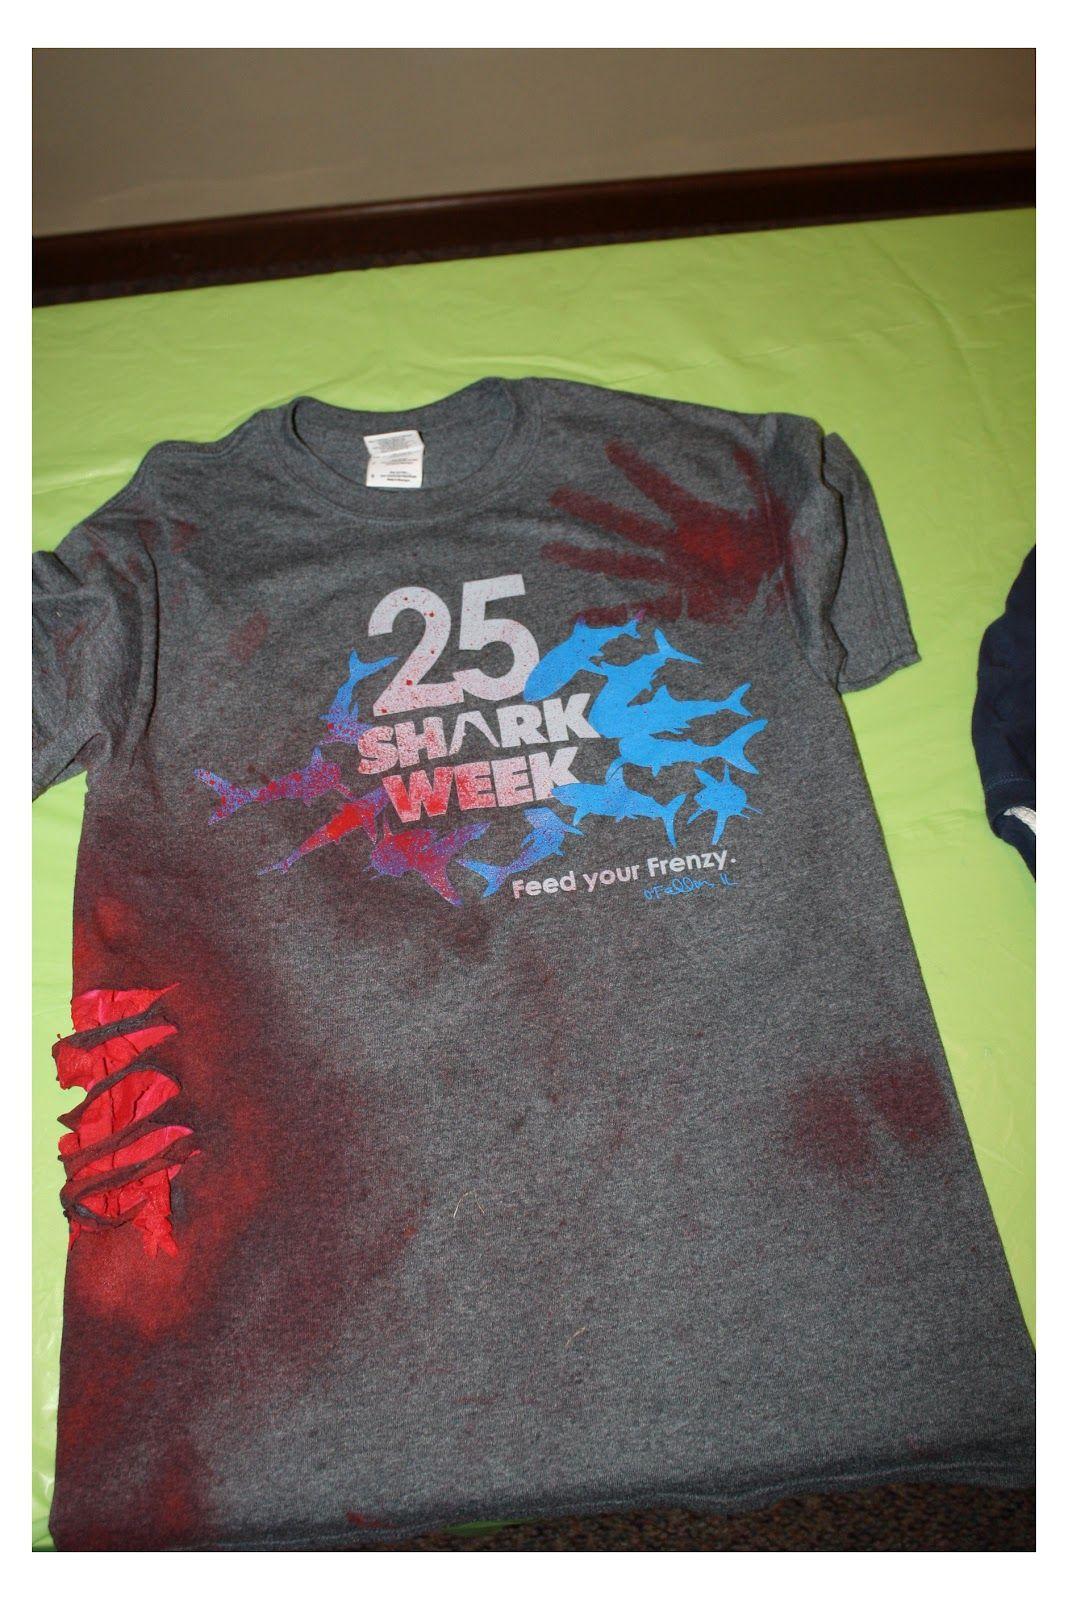 1f421c2e Our Shark Week - diy shark attack shirts | sharks | Shark week t ...